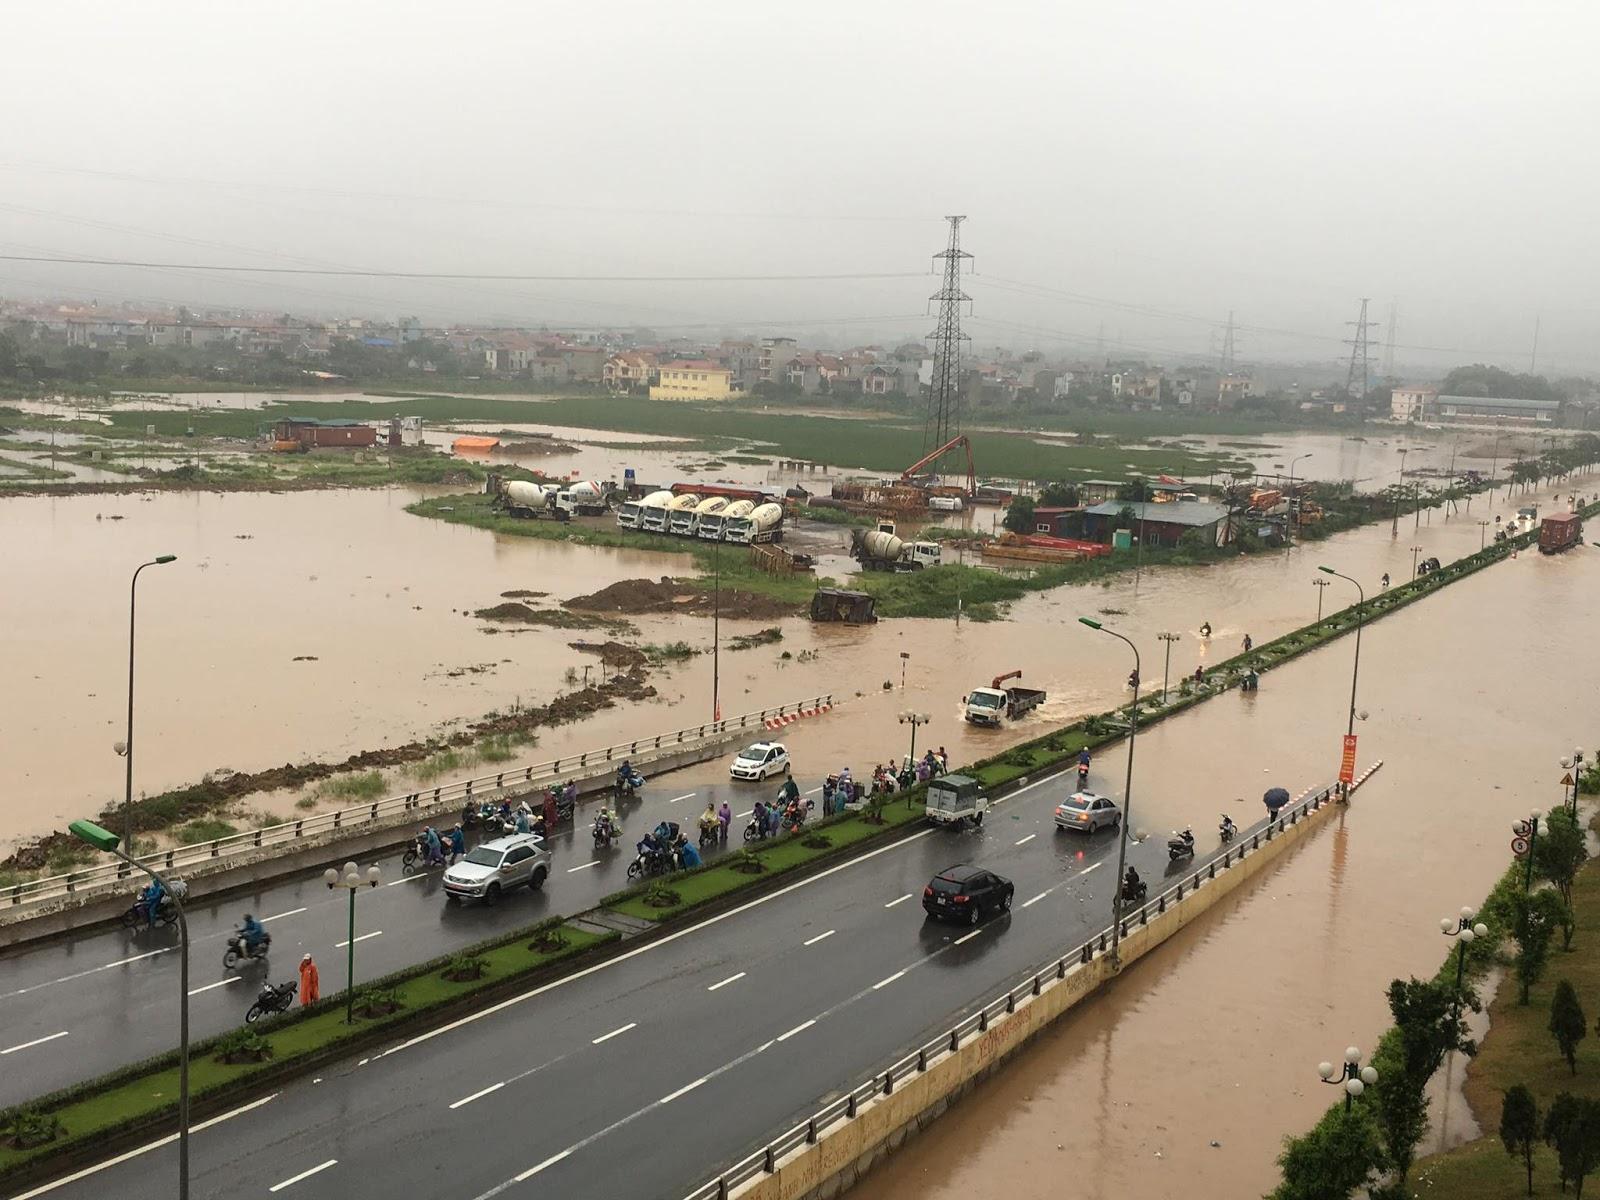 Nhiều khu đô thị tại Hà Nội bị ngập nặng, nguyên nhân do đâu?